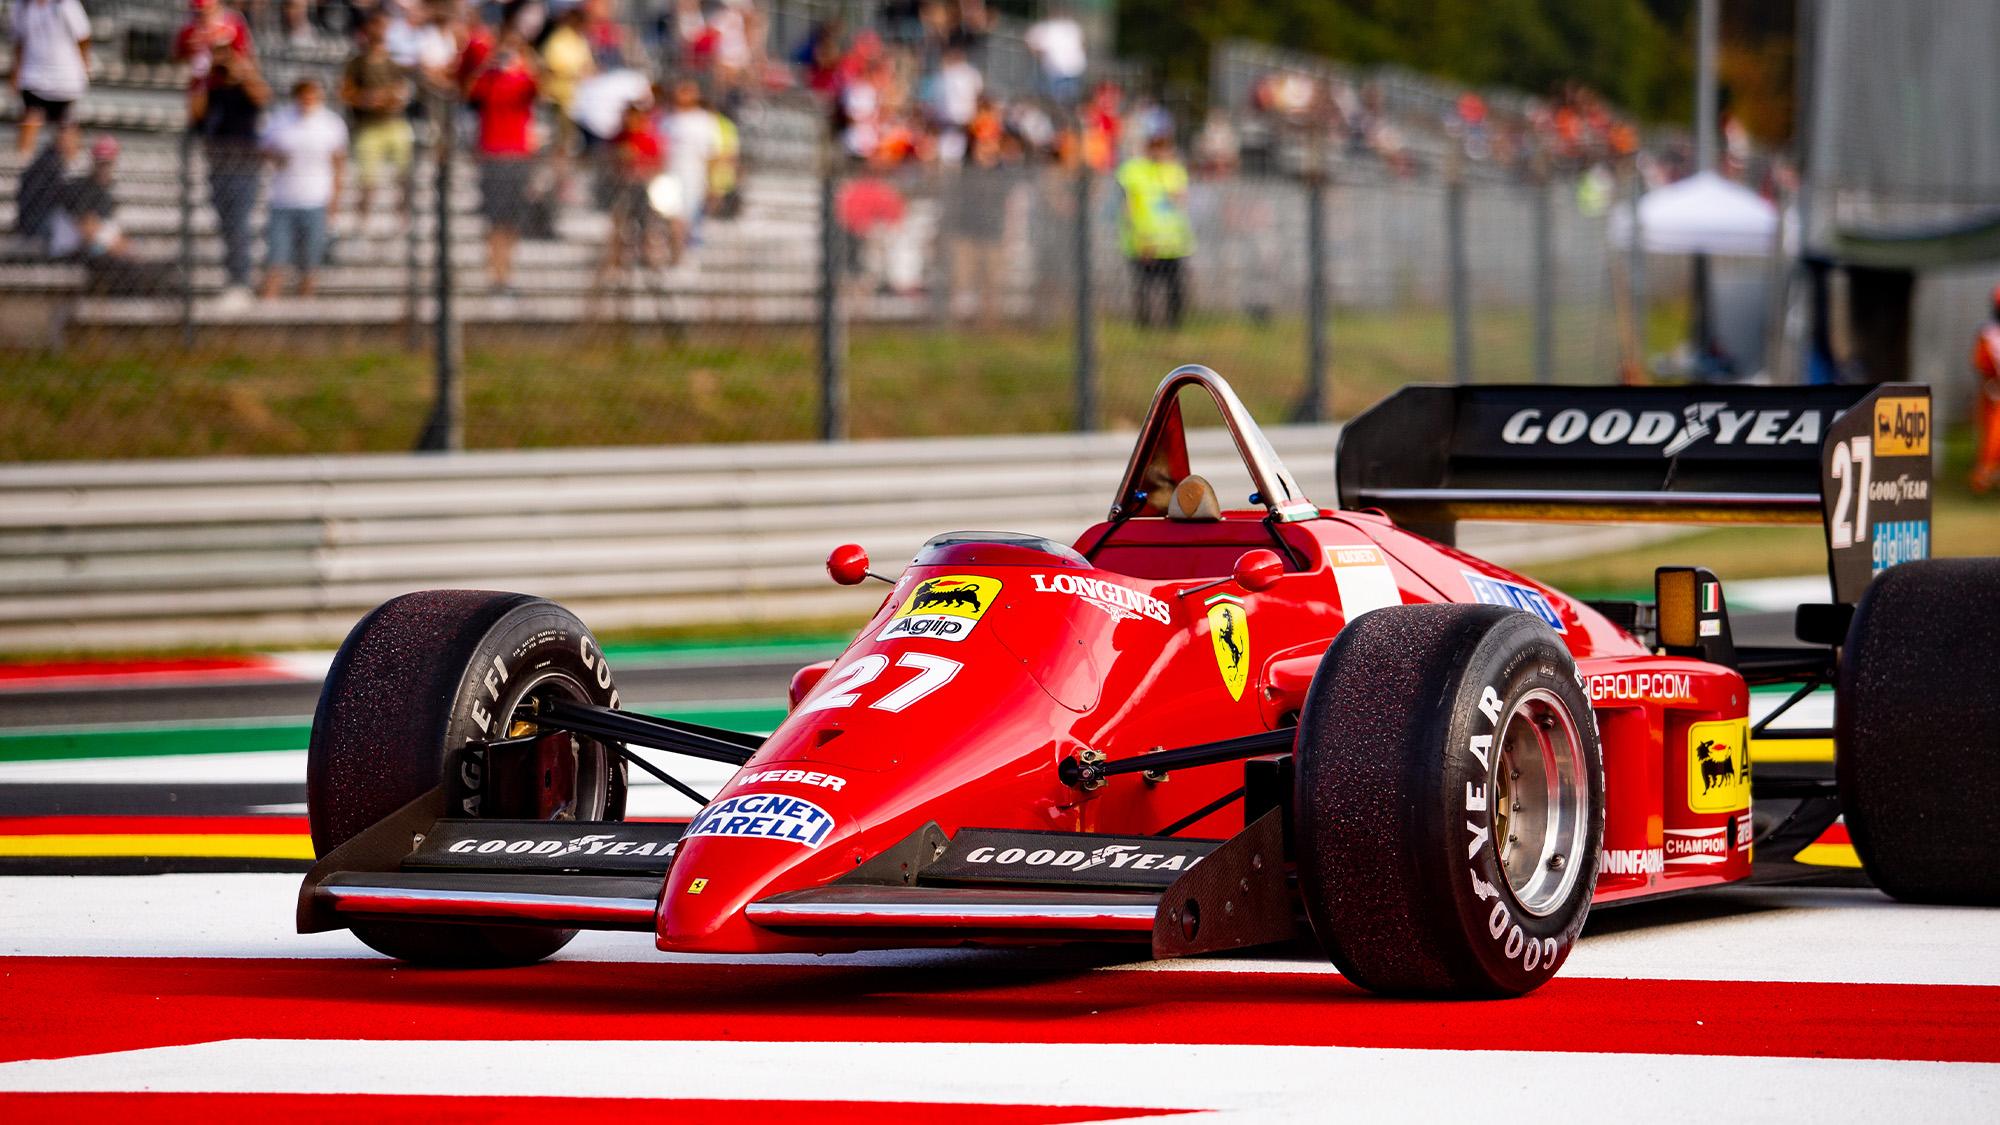 Michele Alboreto Ferrari at Monza 2021